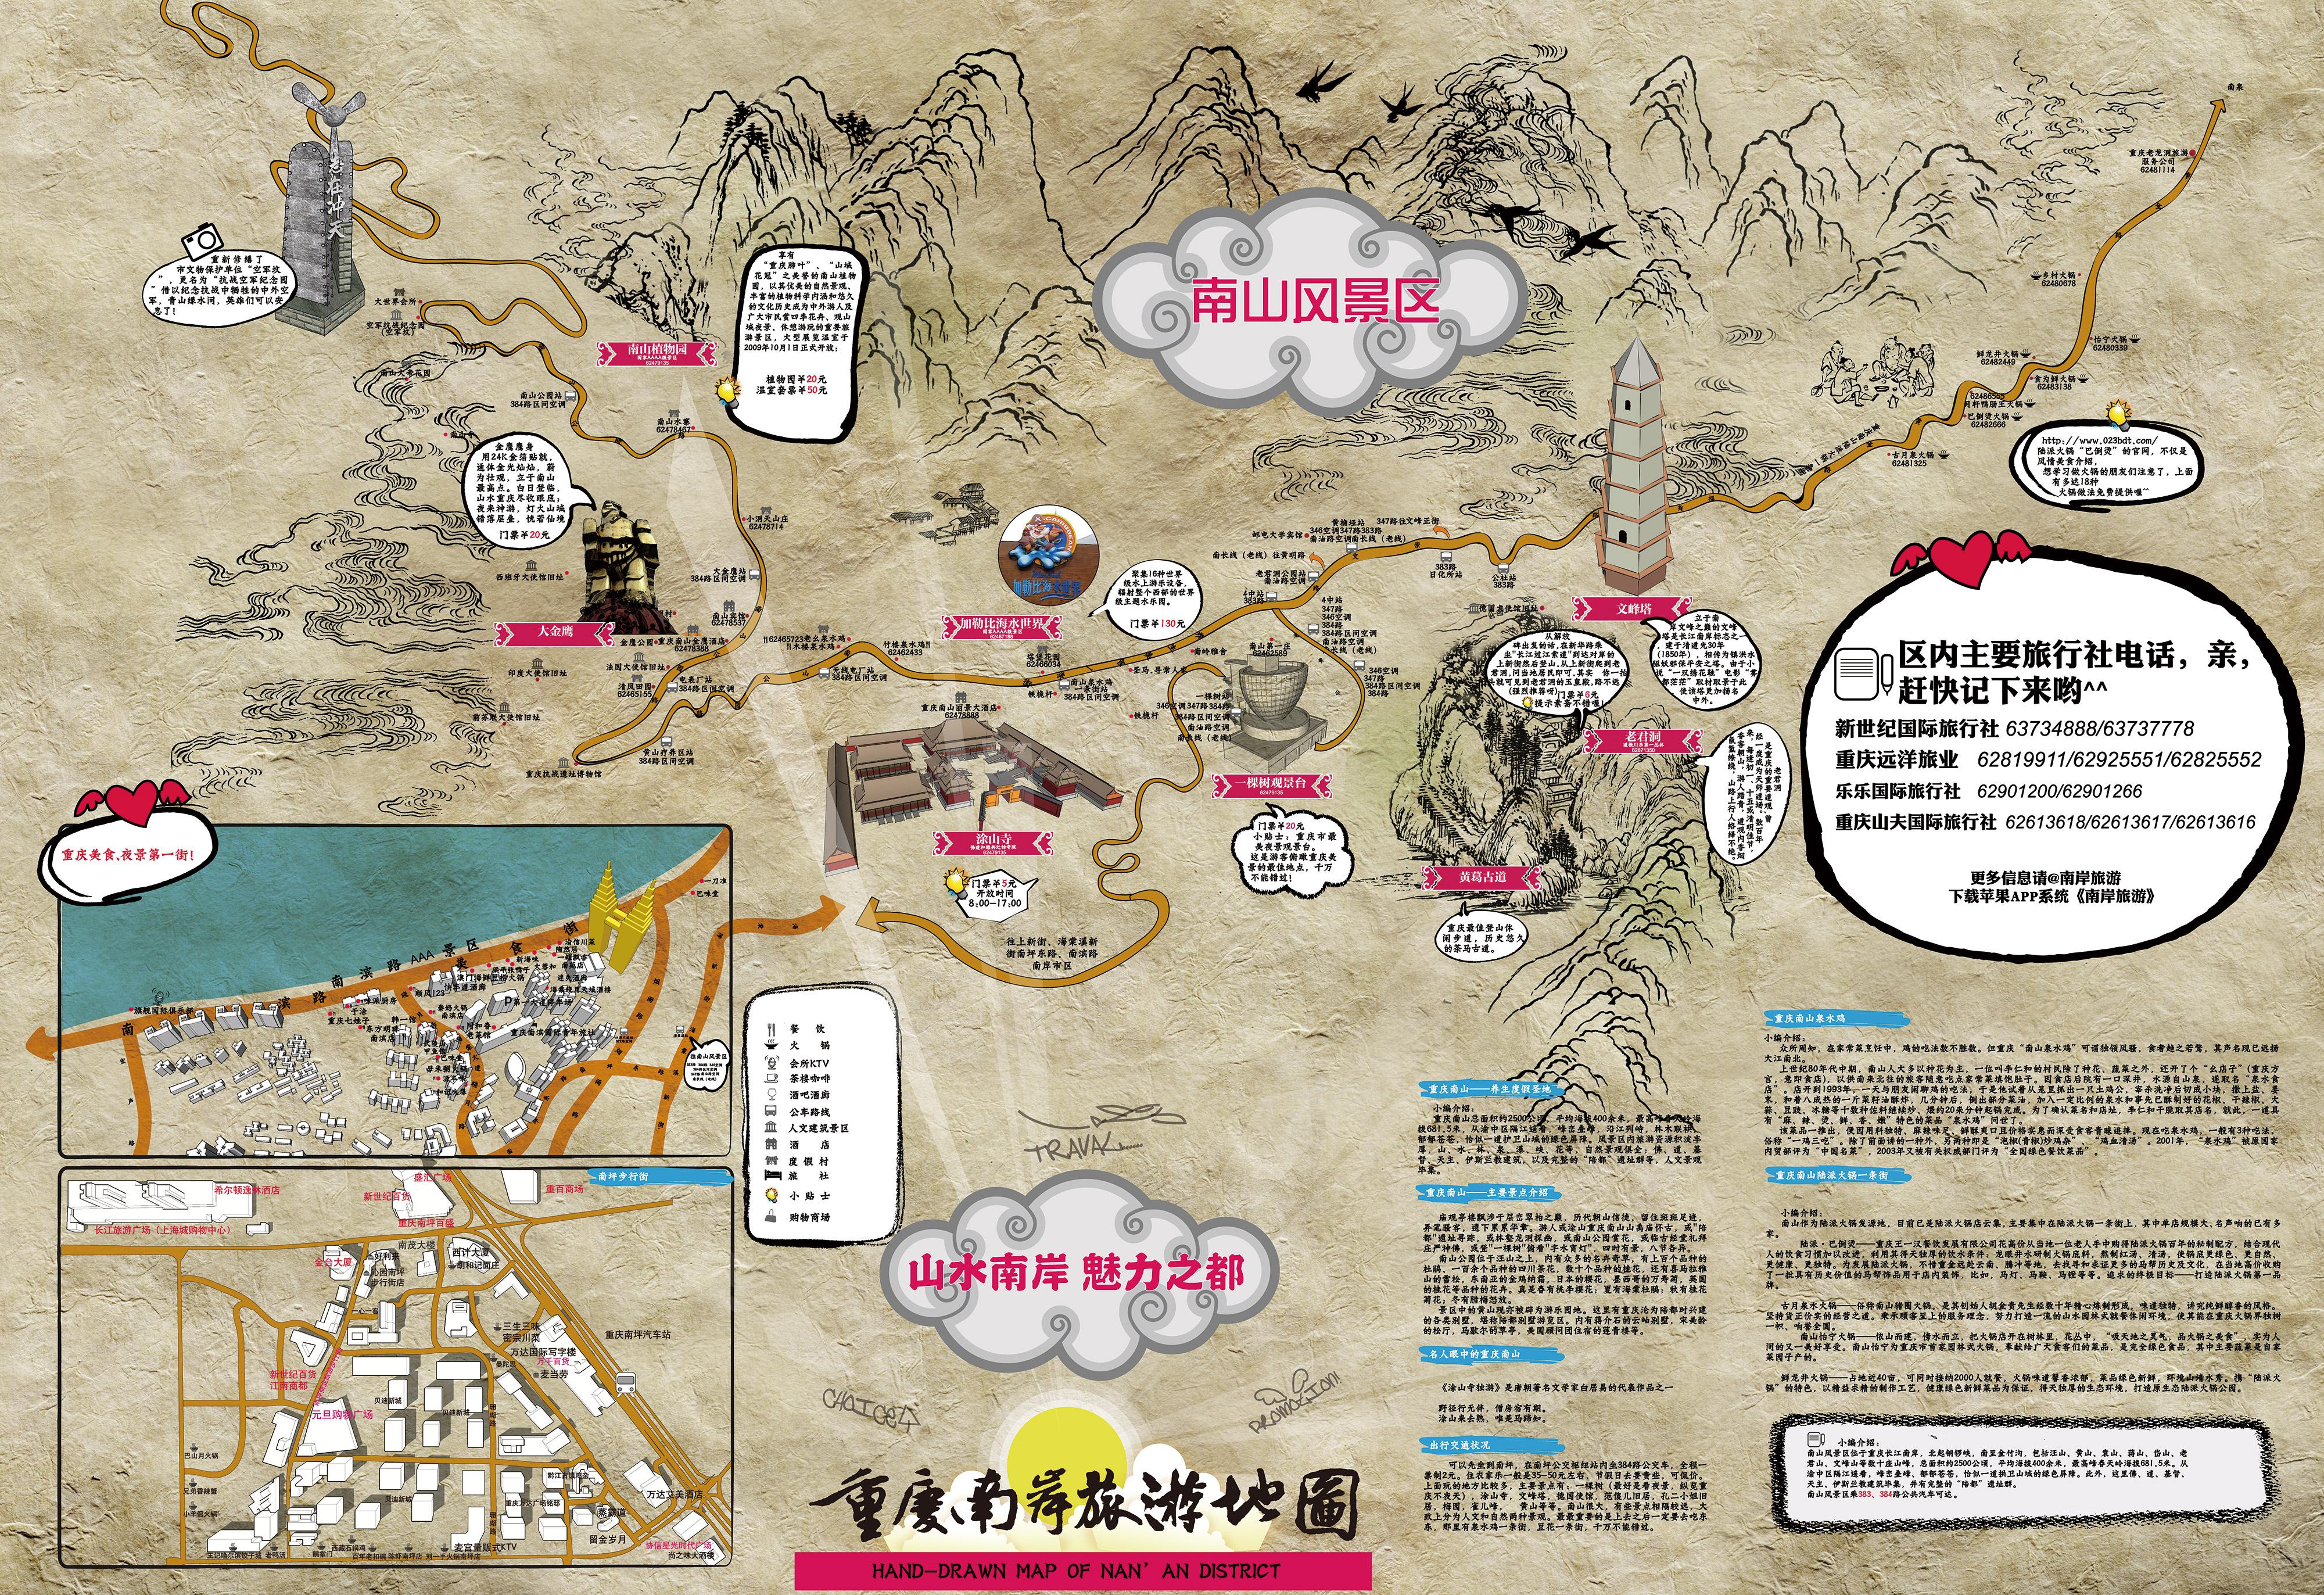 南岸发布南岸区吃喝玩乐旅游手绘地图(图)